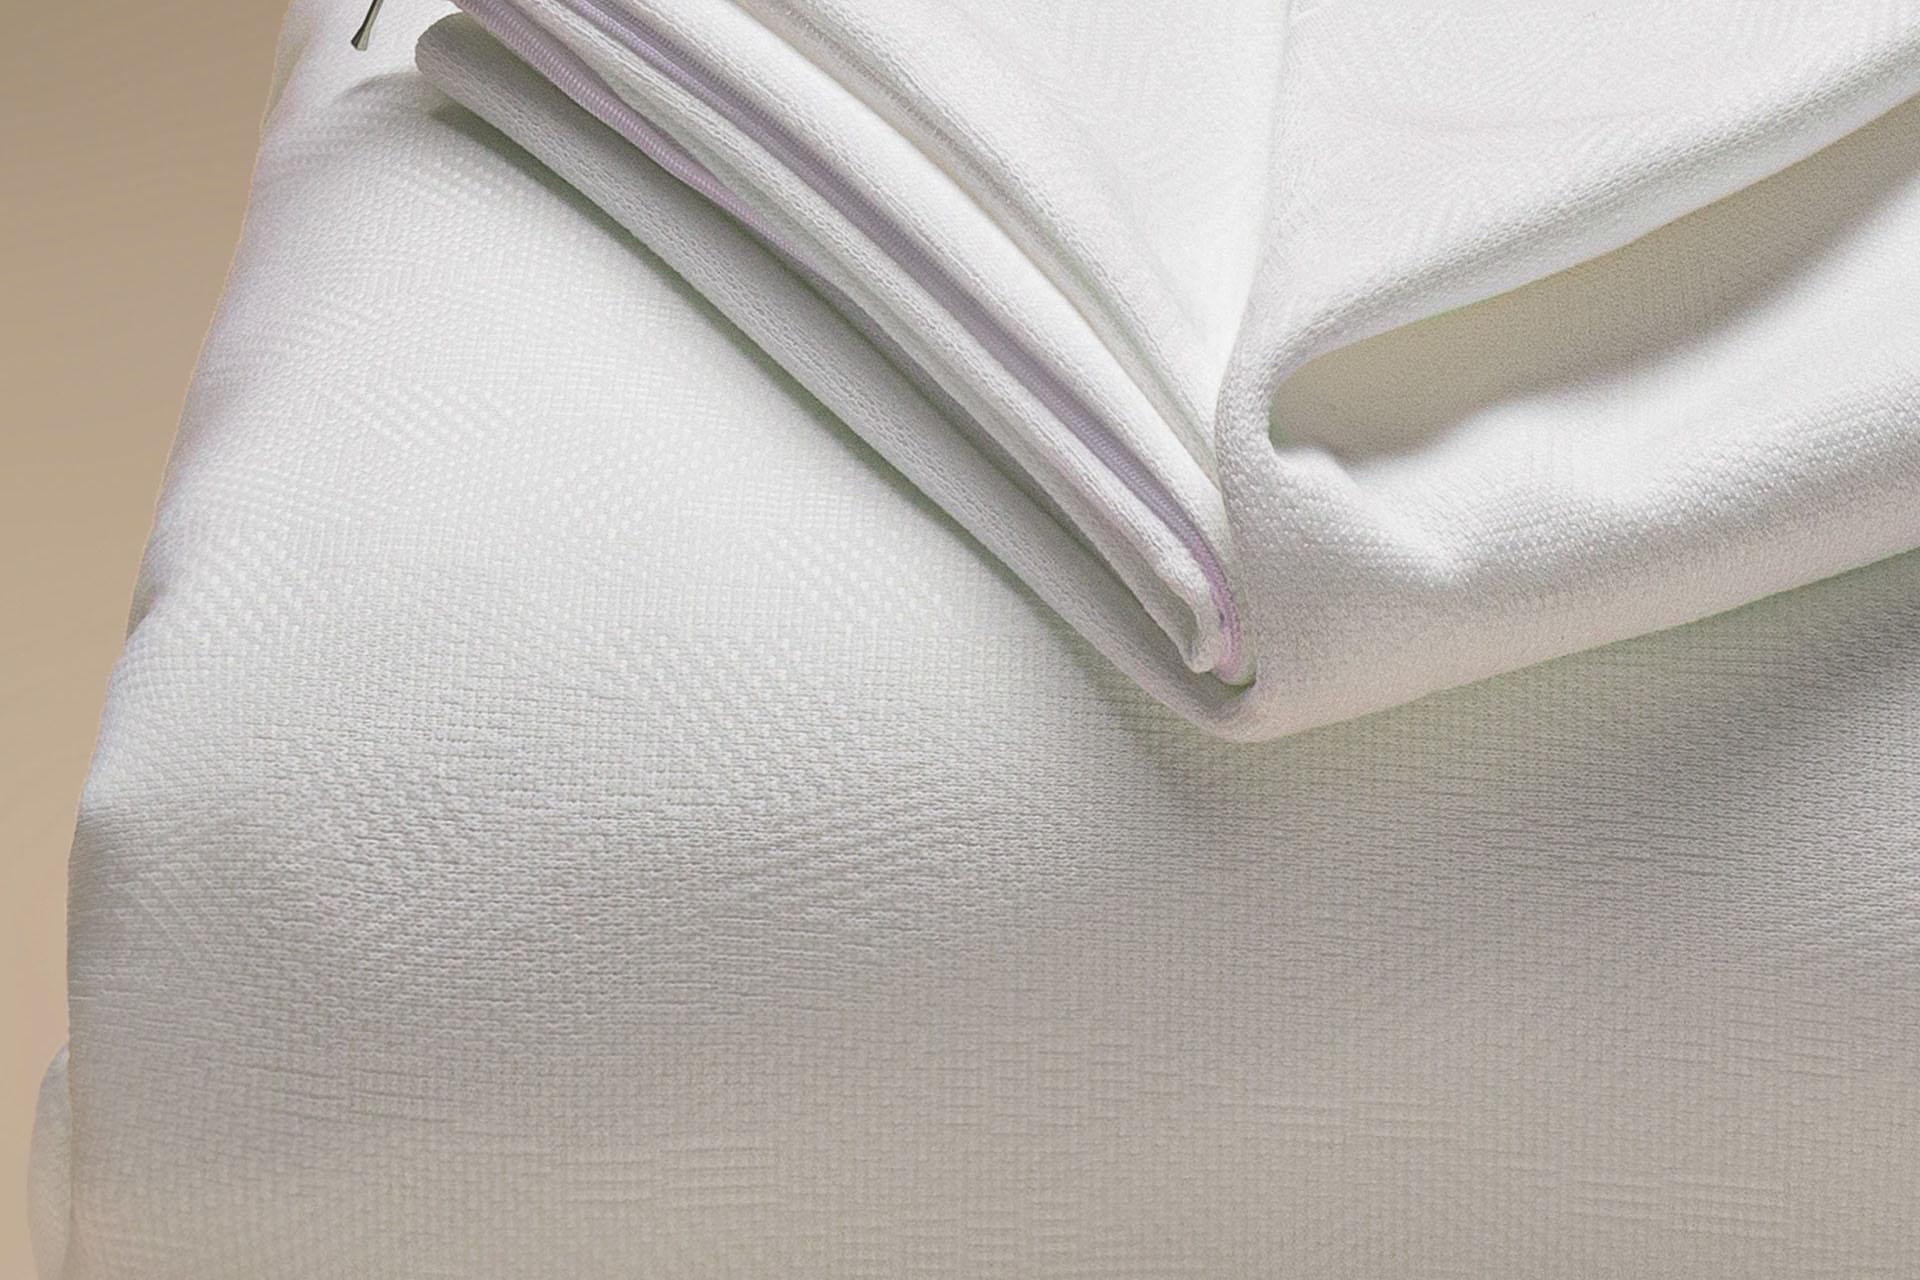 copricuscino a maglia semi imbottito antimacchia teflon a cappuccio dettaglio